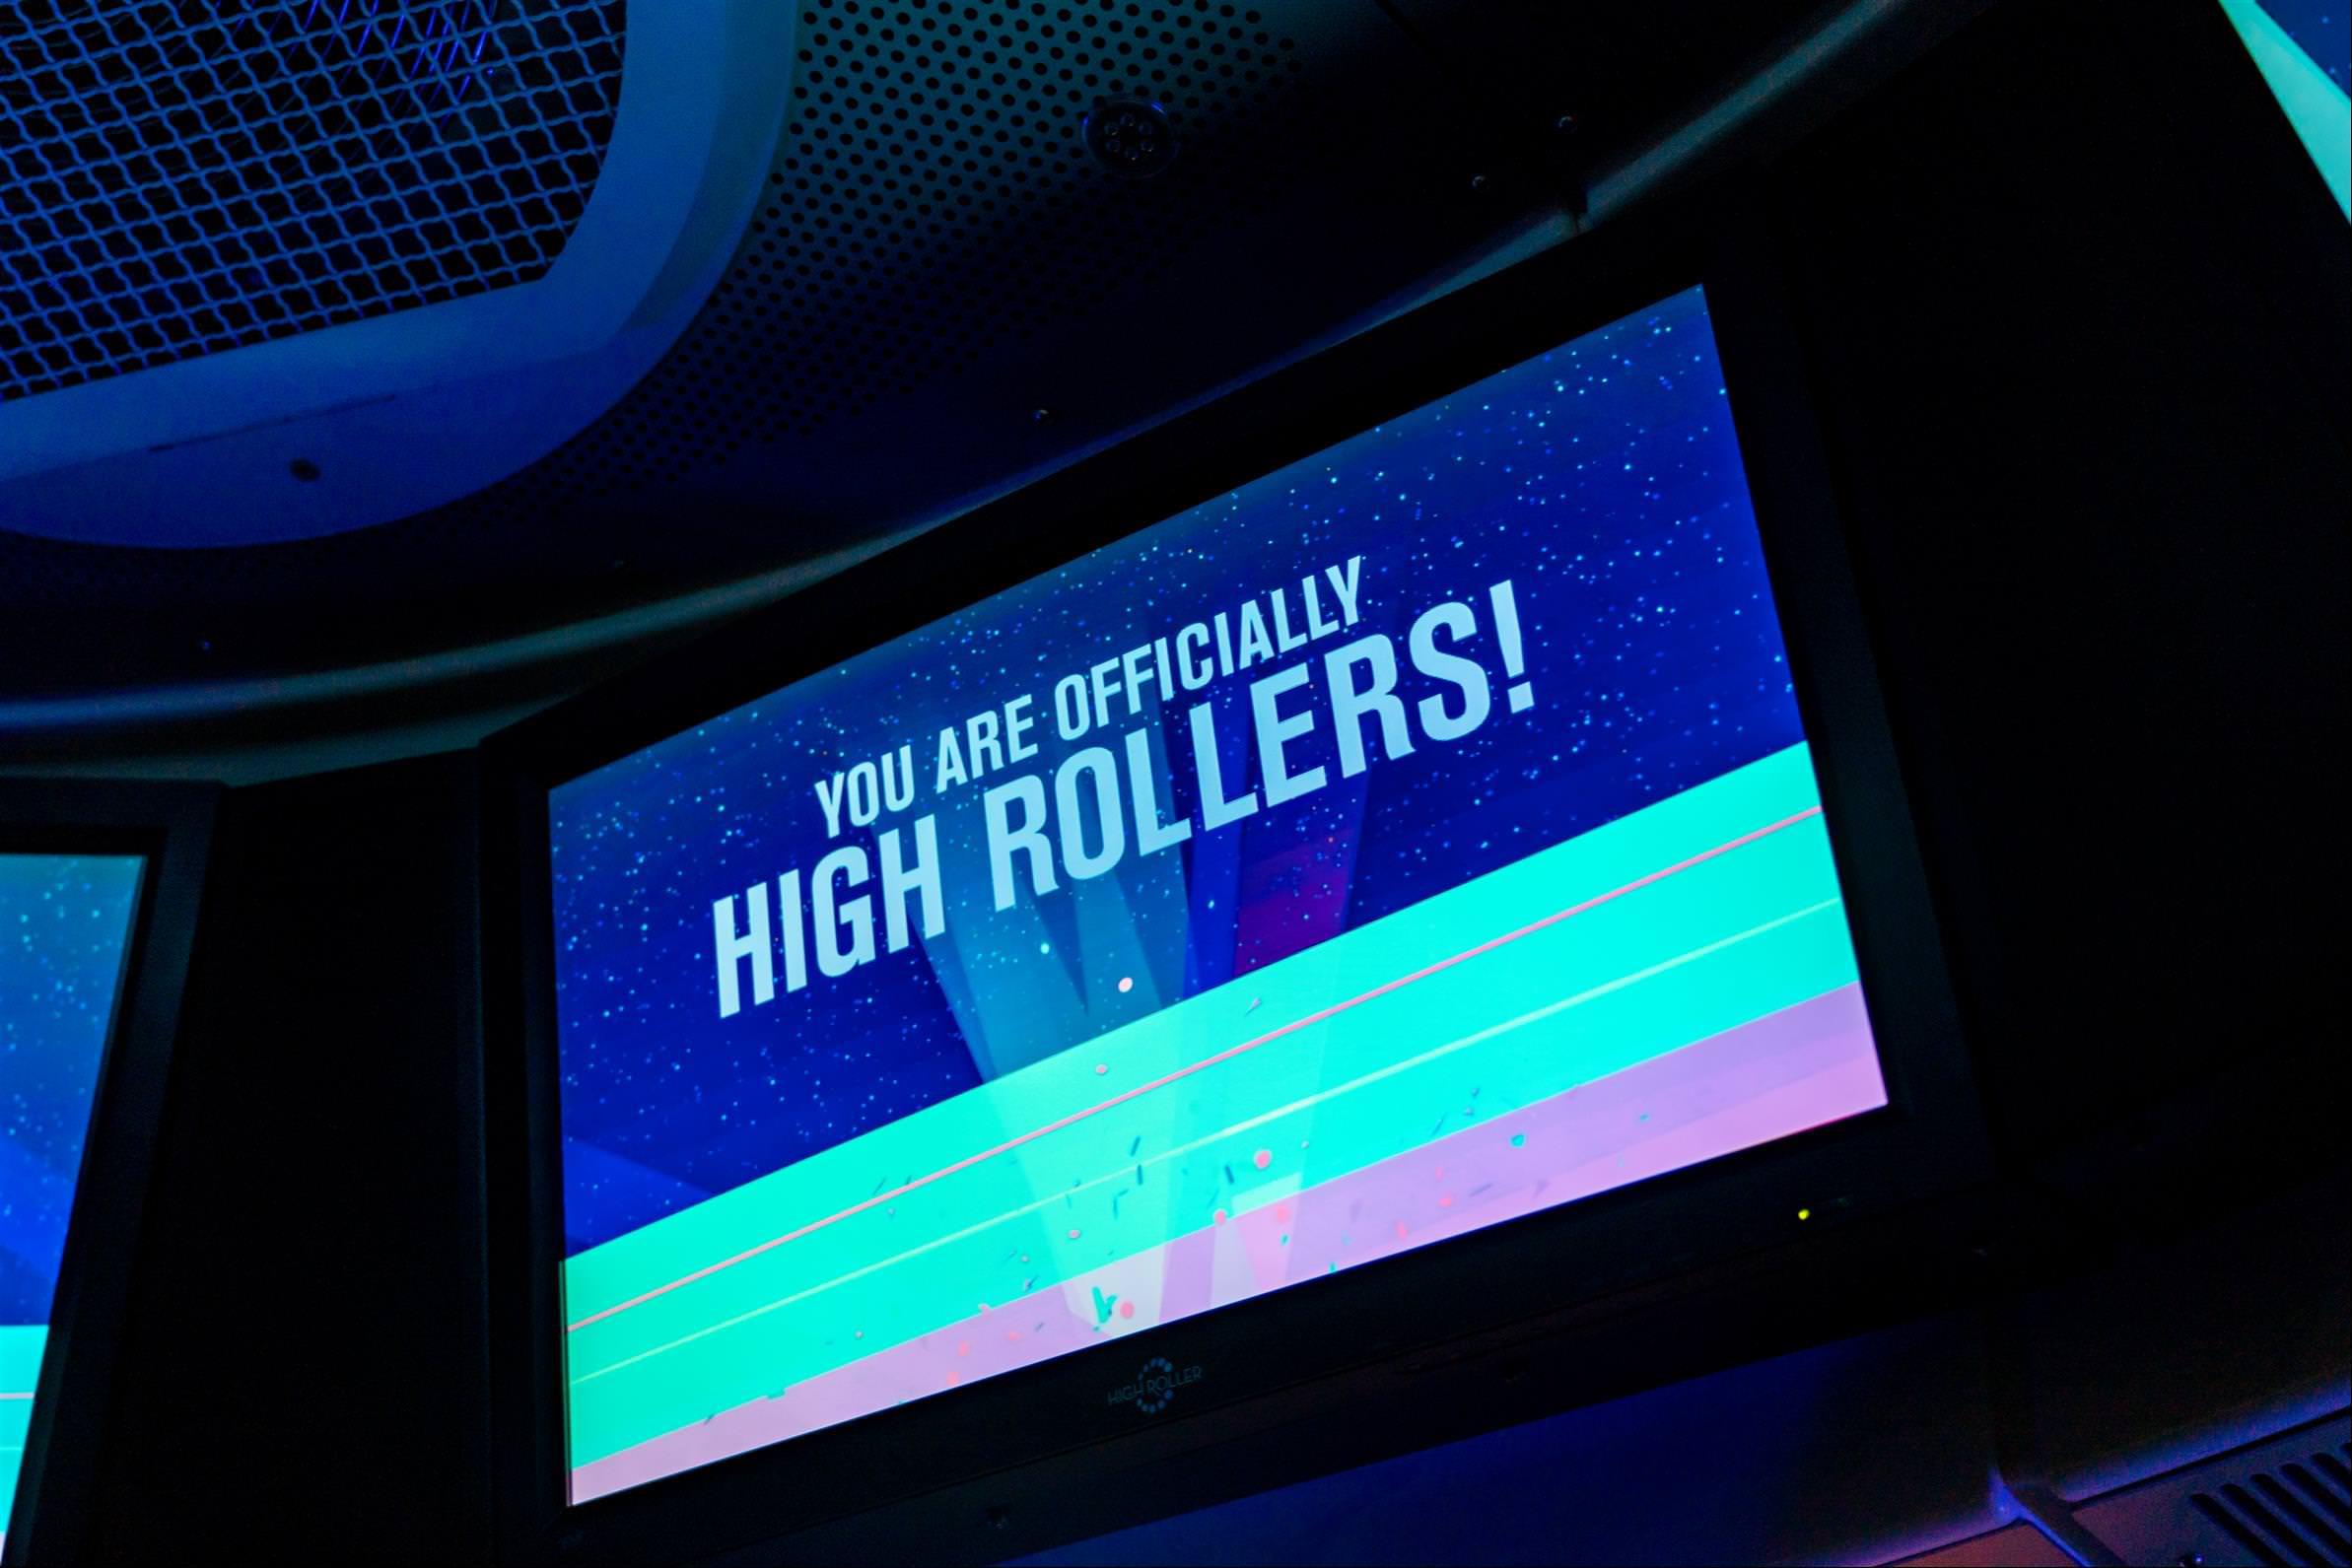 豪客摩天輪 High Roller